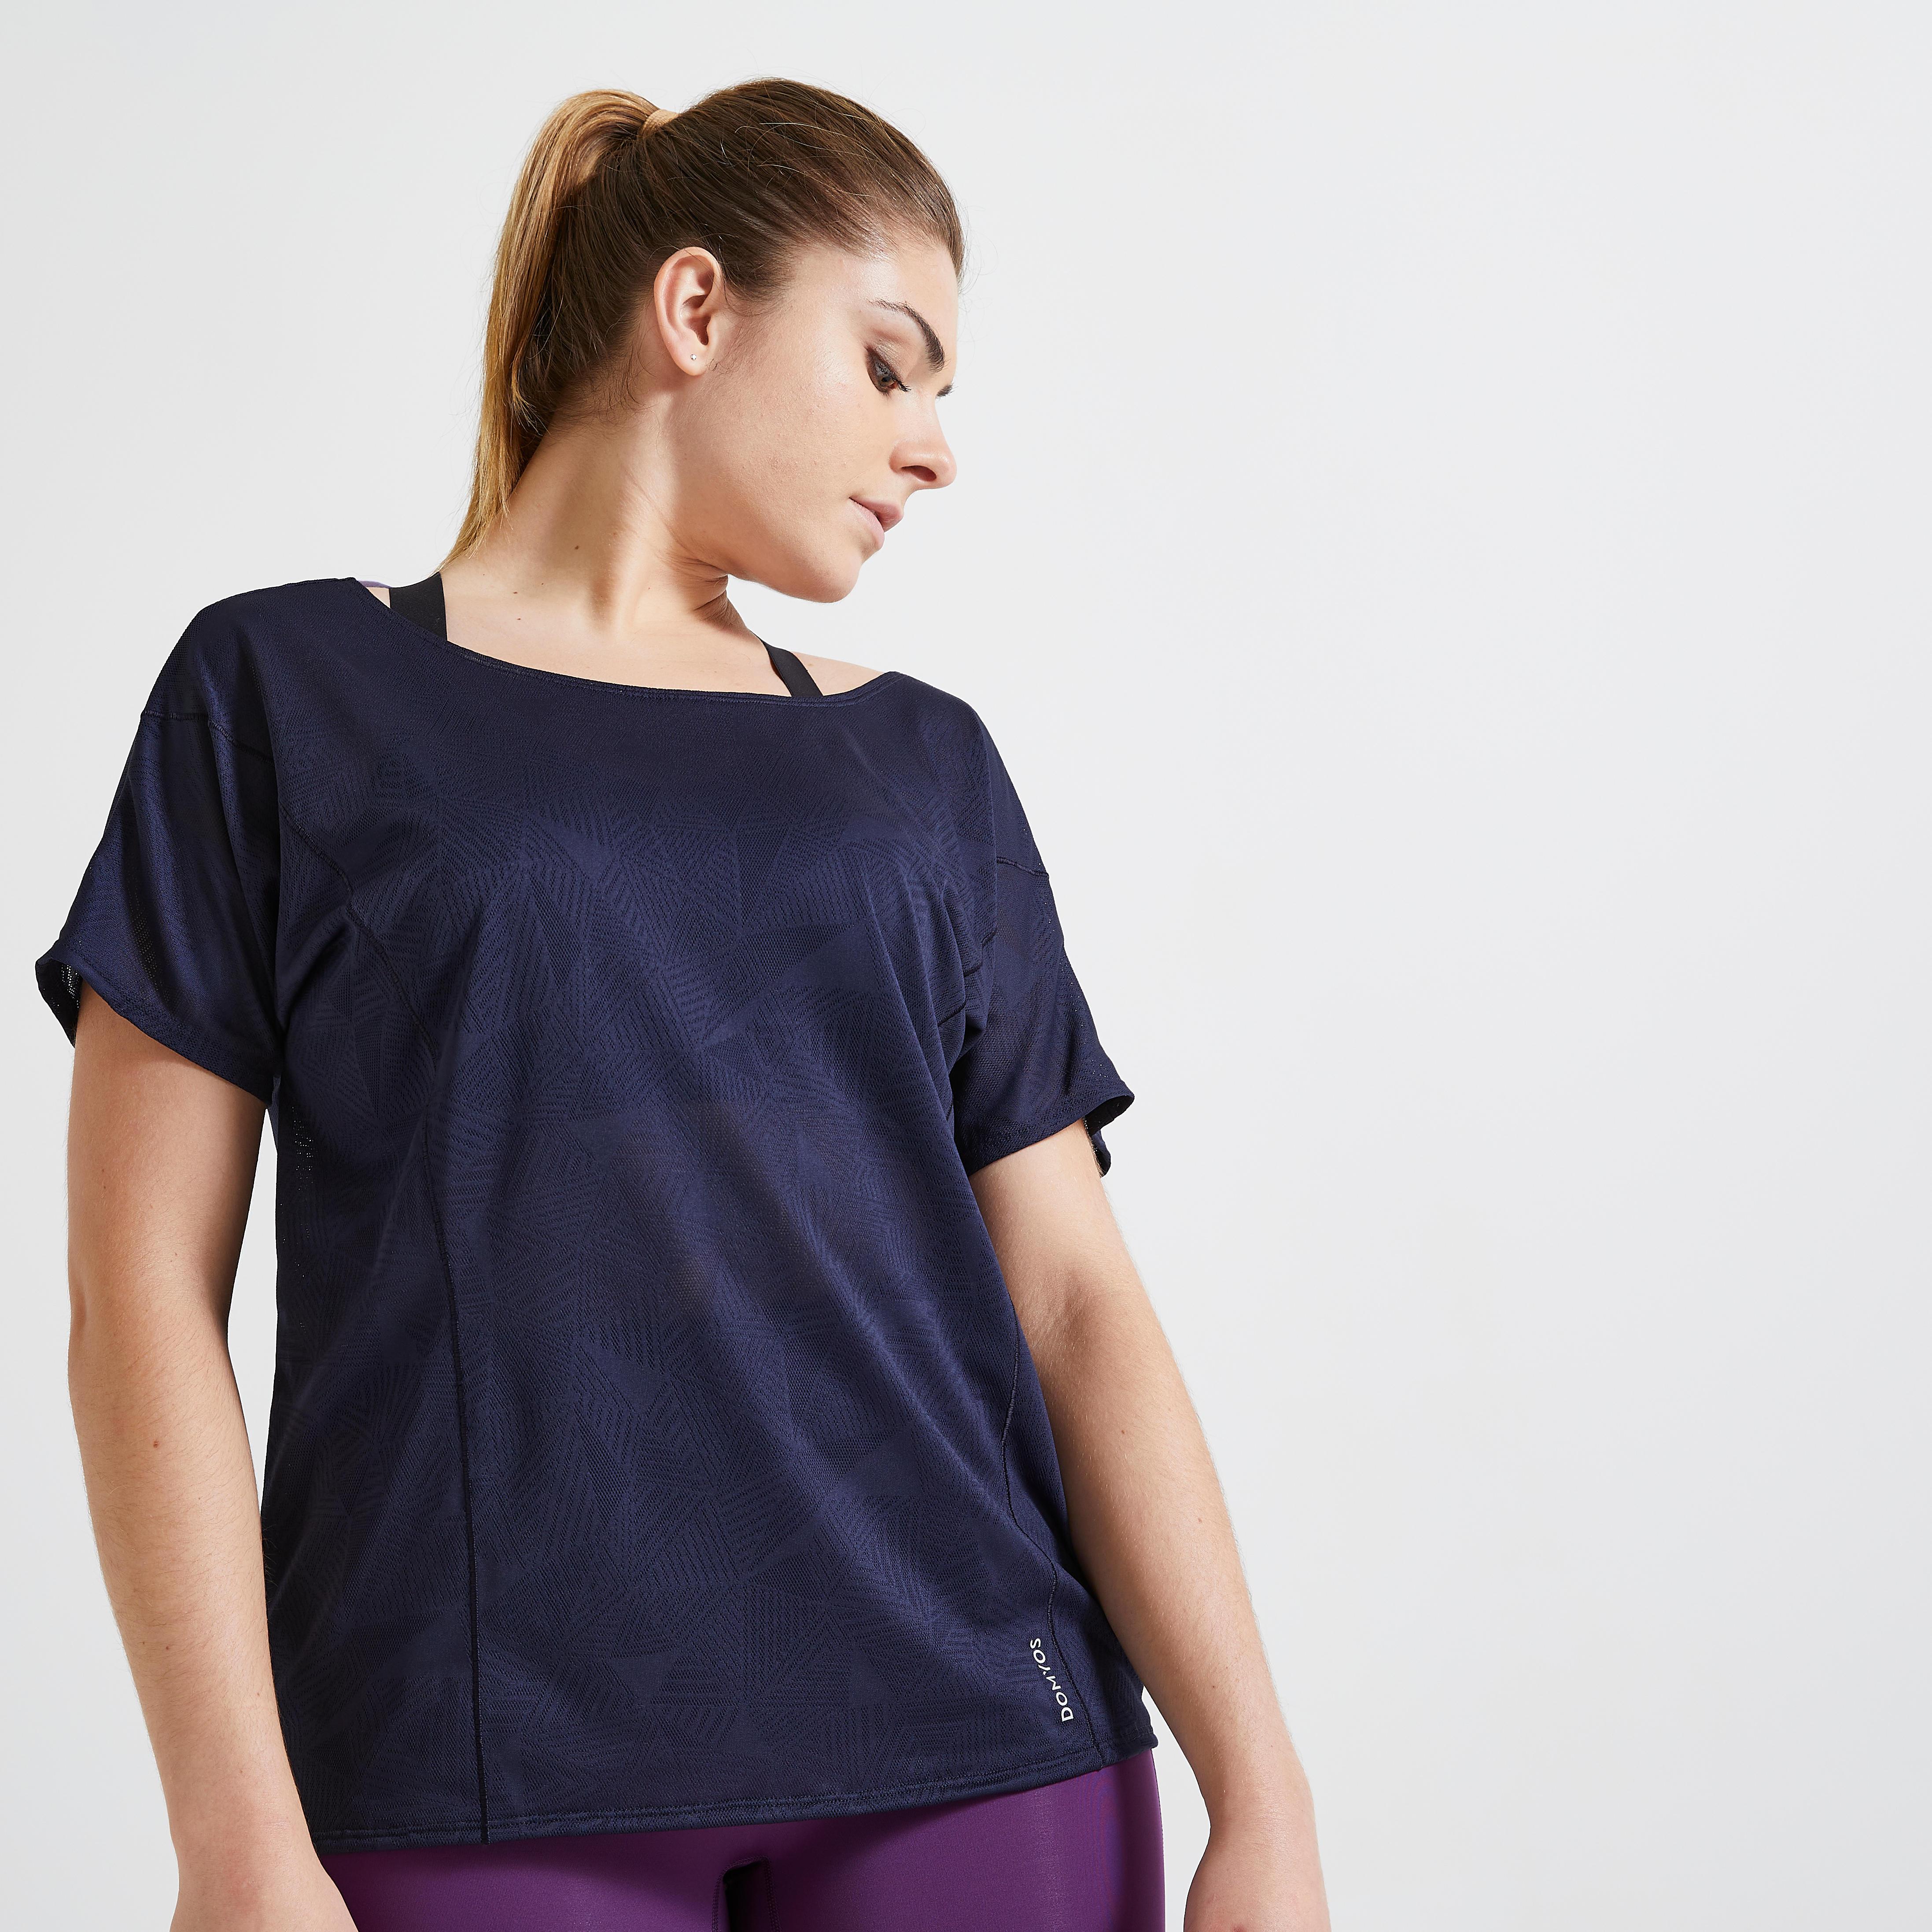 Tricou Fitness FTS500 Damă la Reducere poza